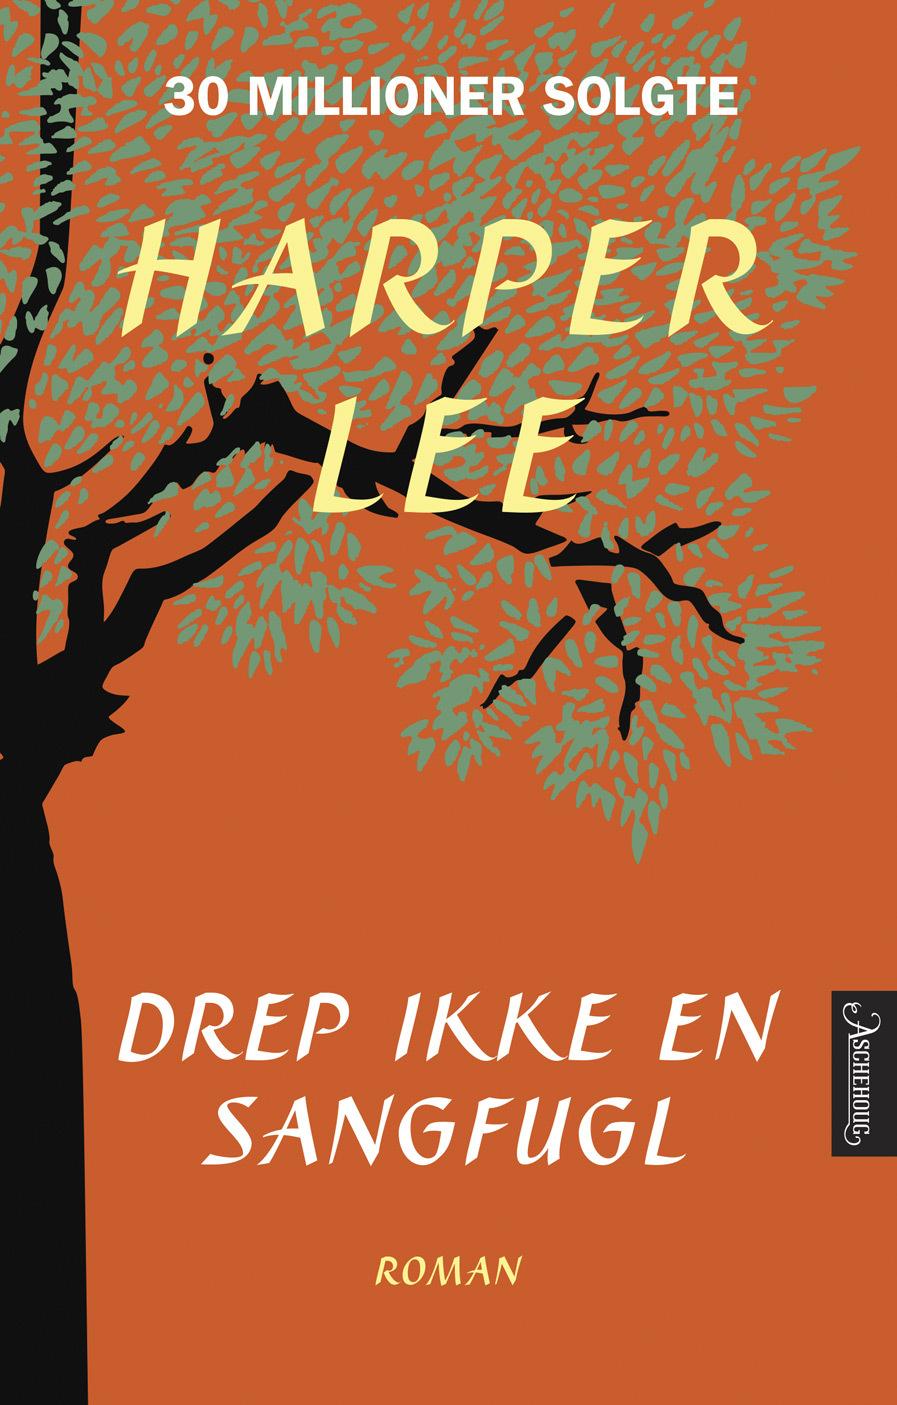 Drep ikke en sangfugl  by  Harper Lee